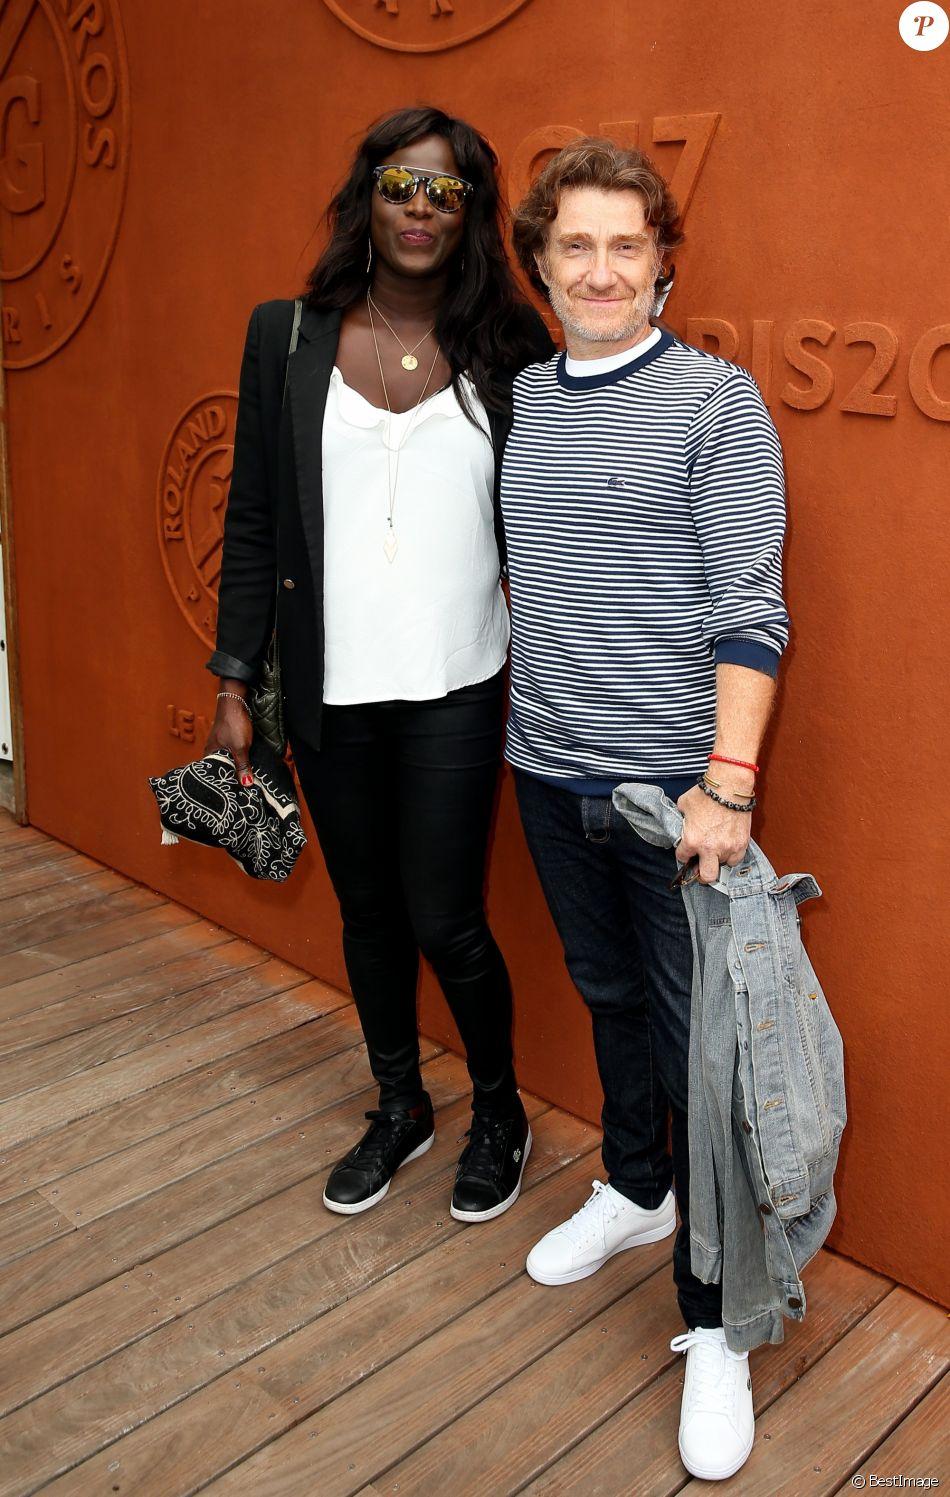 Thierry Frémont et sa femme Gina au village des Internationaux de Tennis de Roland Garros à Paris le 7 juin 2017 © Cyril Moreau-Dominique Jacovides/Bestimage